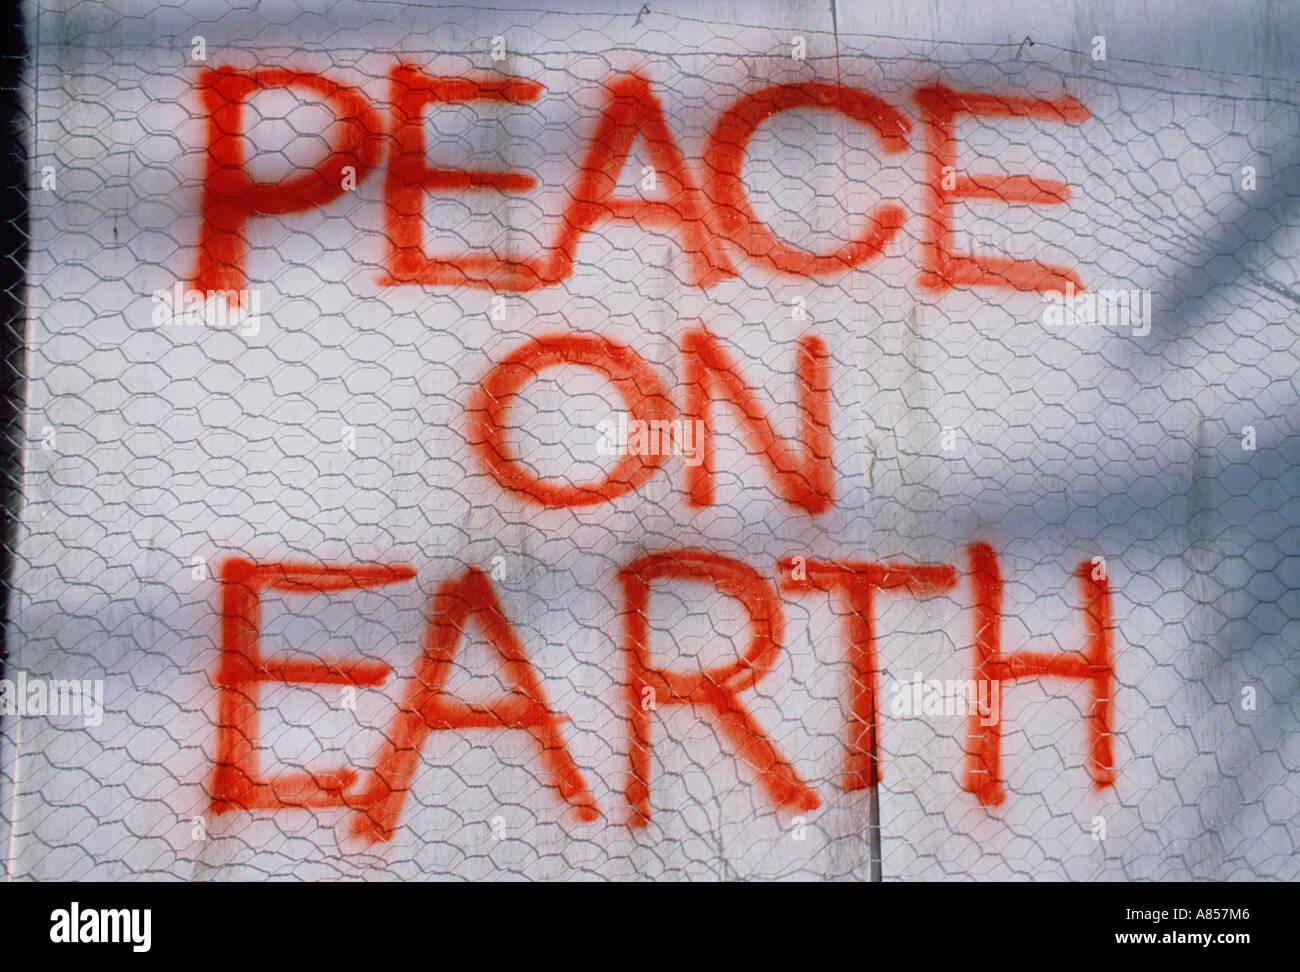 Dimostrazione pacifica messaggio sul banner. La pace sulla terra. Immagini Stock